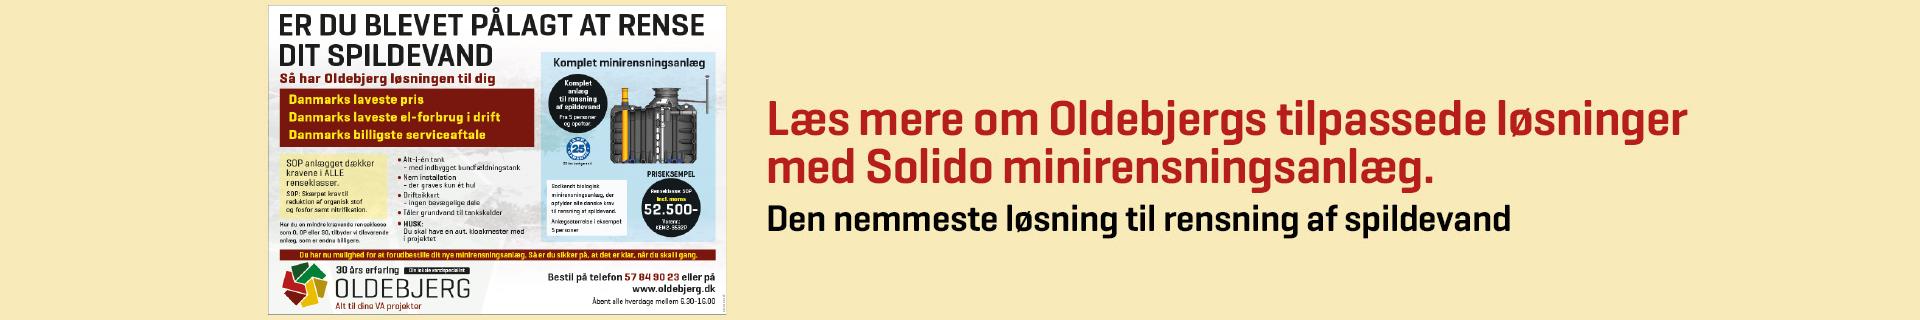 Rens dit spildevand med et minirensningsanlæg fra Oldebjerg